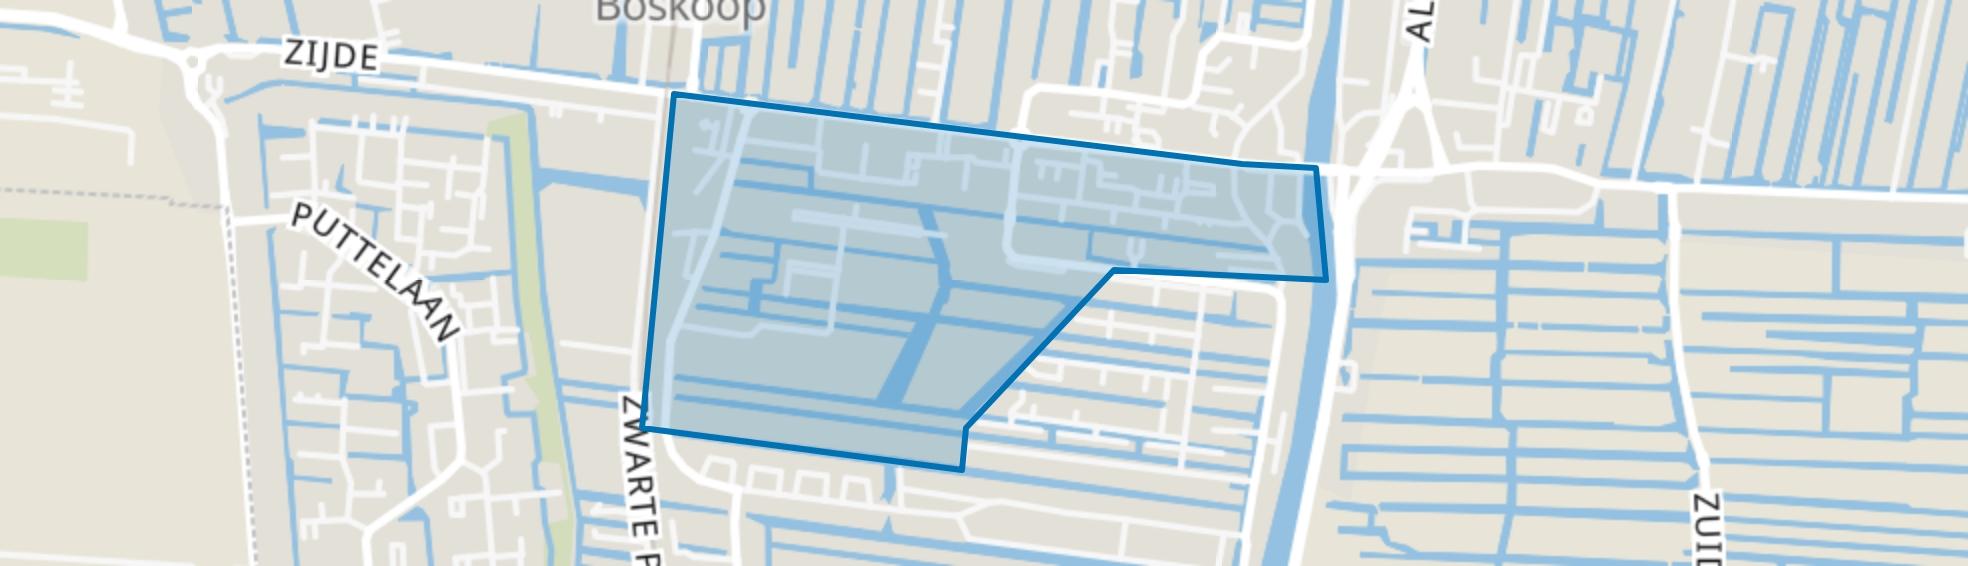 Voorofschebuurt, Boskoop map